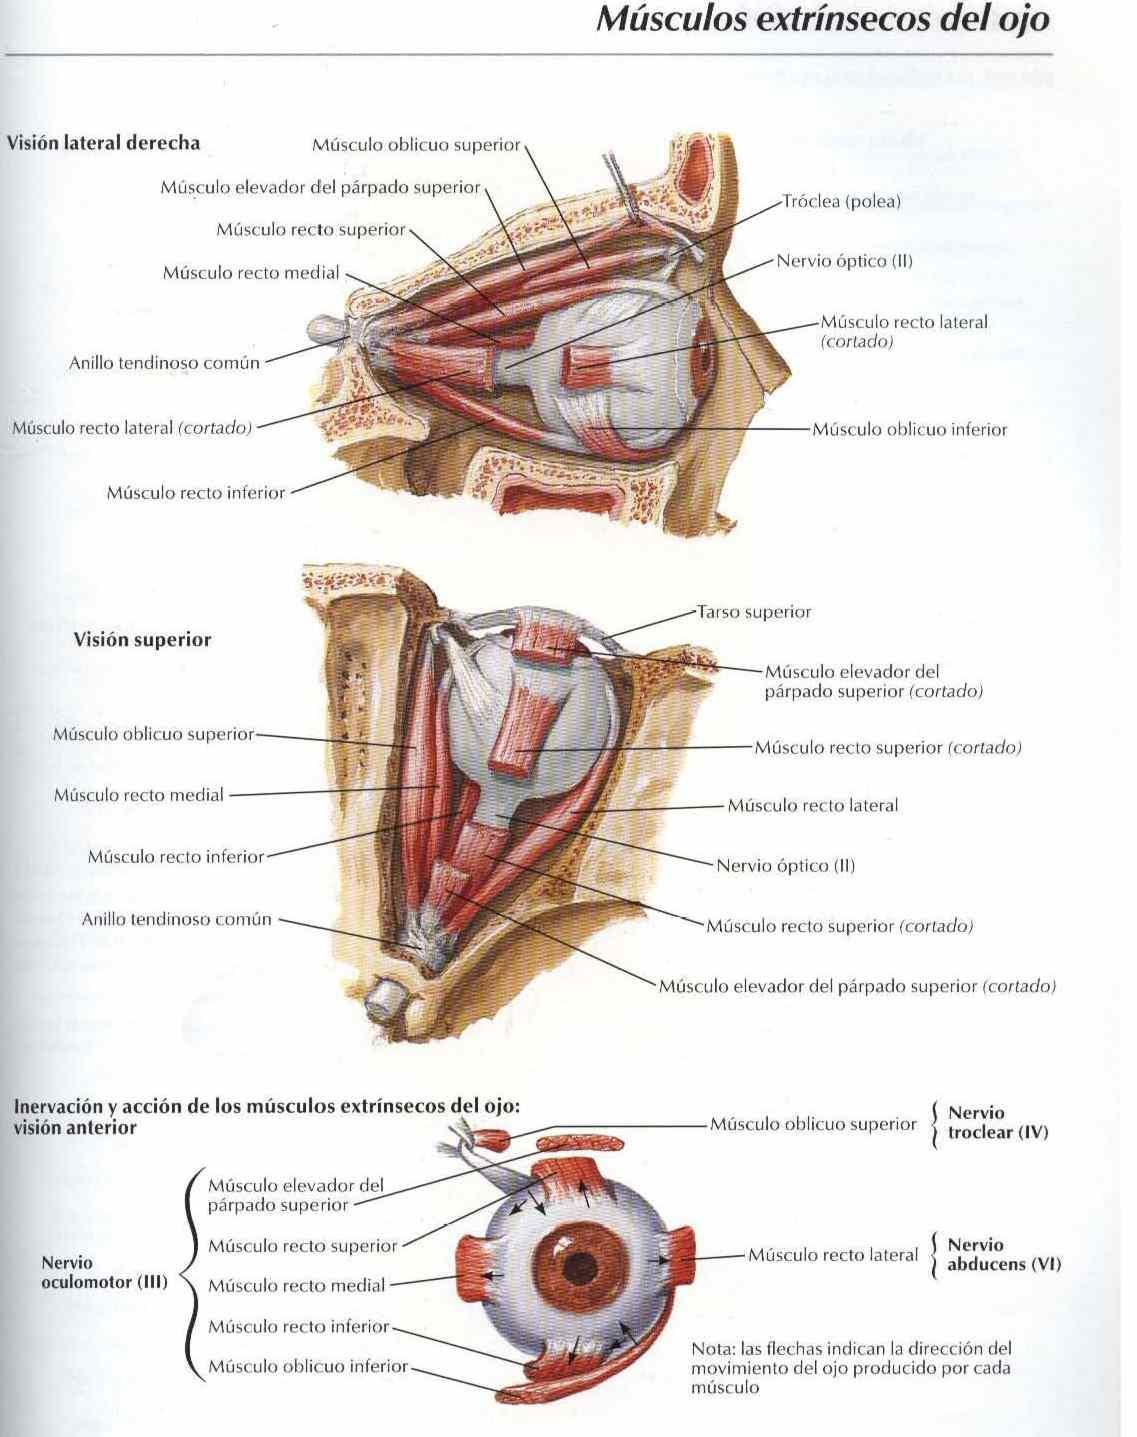 Anatomia: Músculos extrinsecos del ojo - Salud, vida sana, la ...